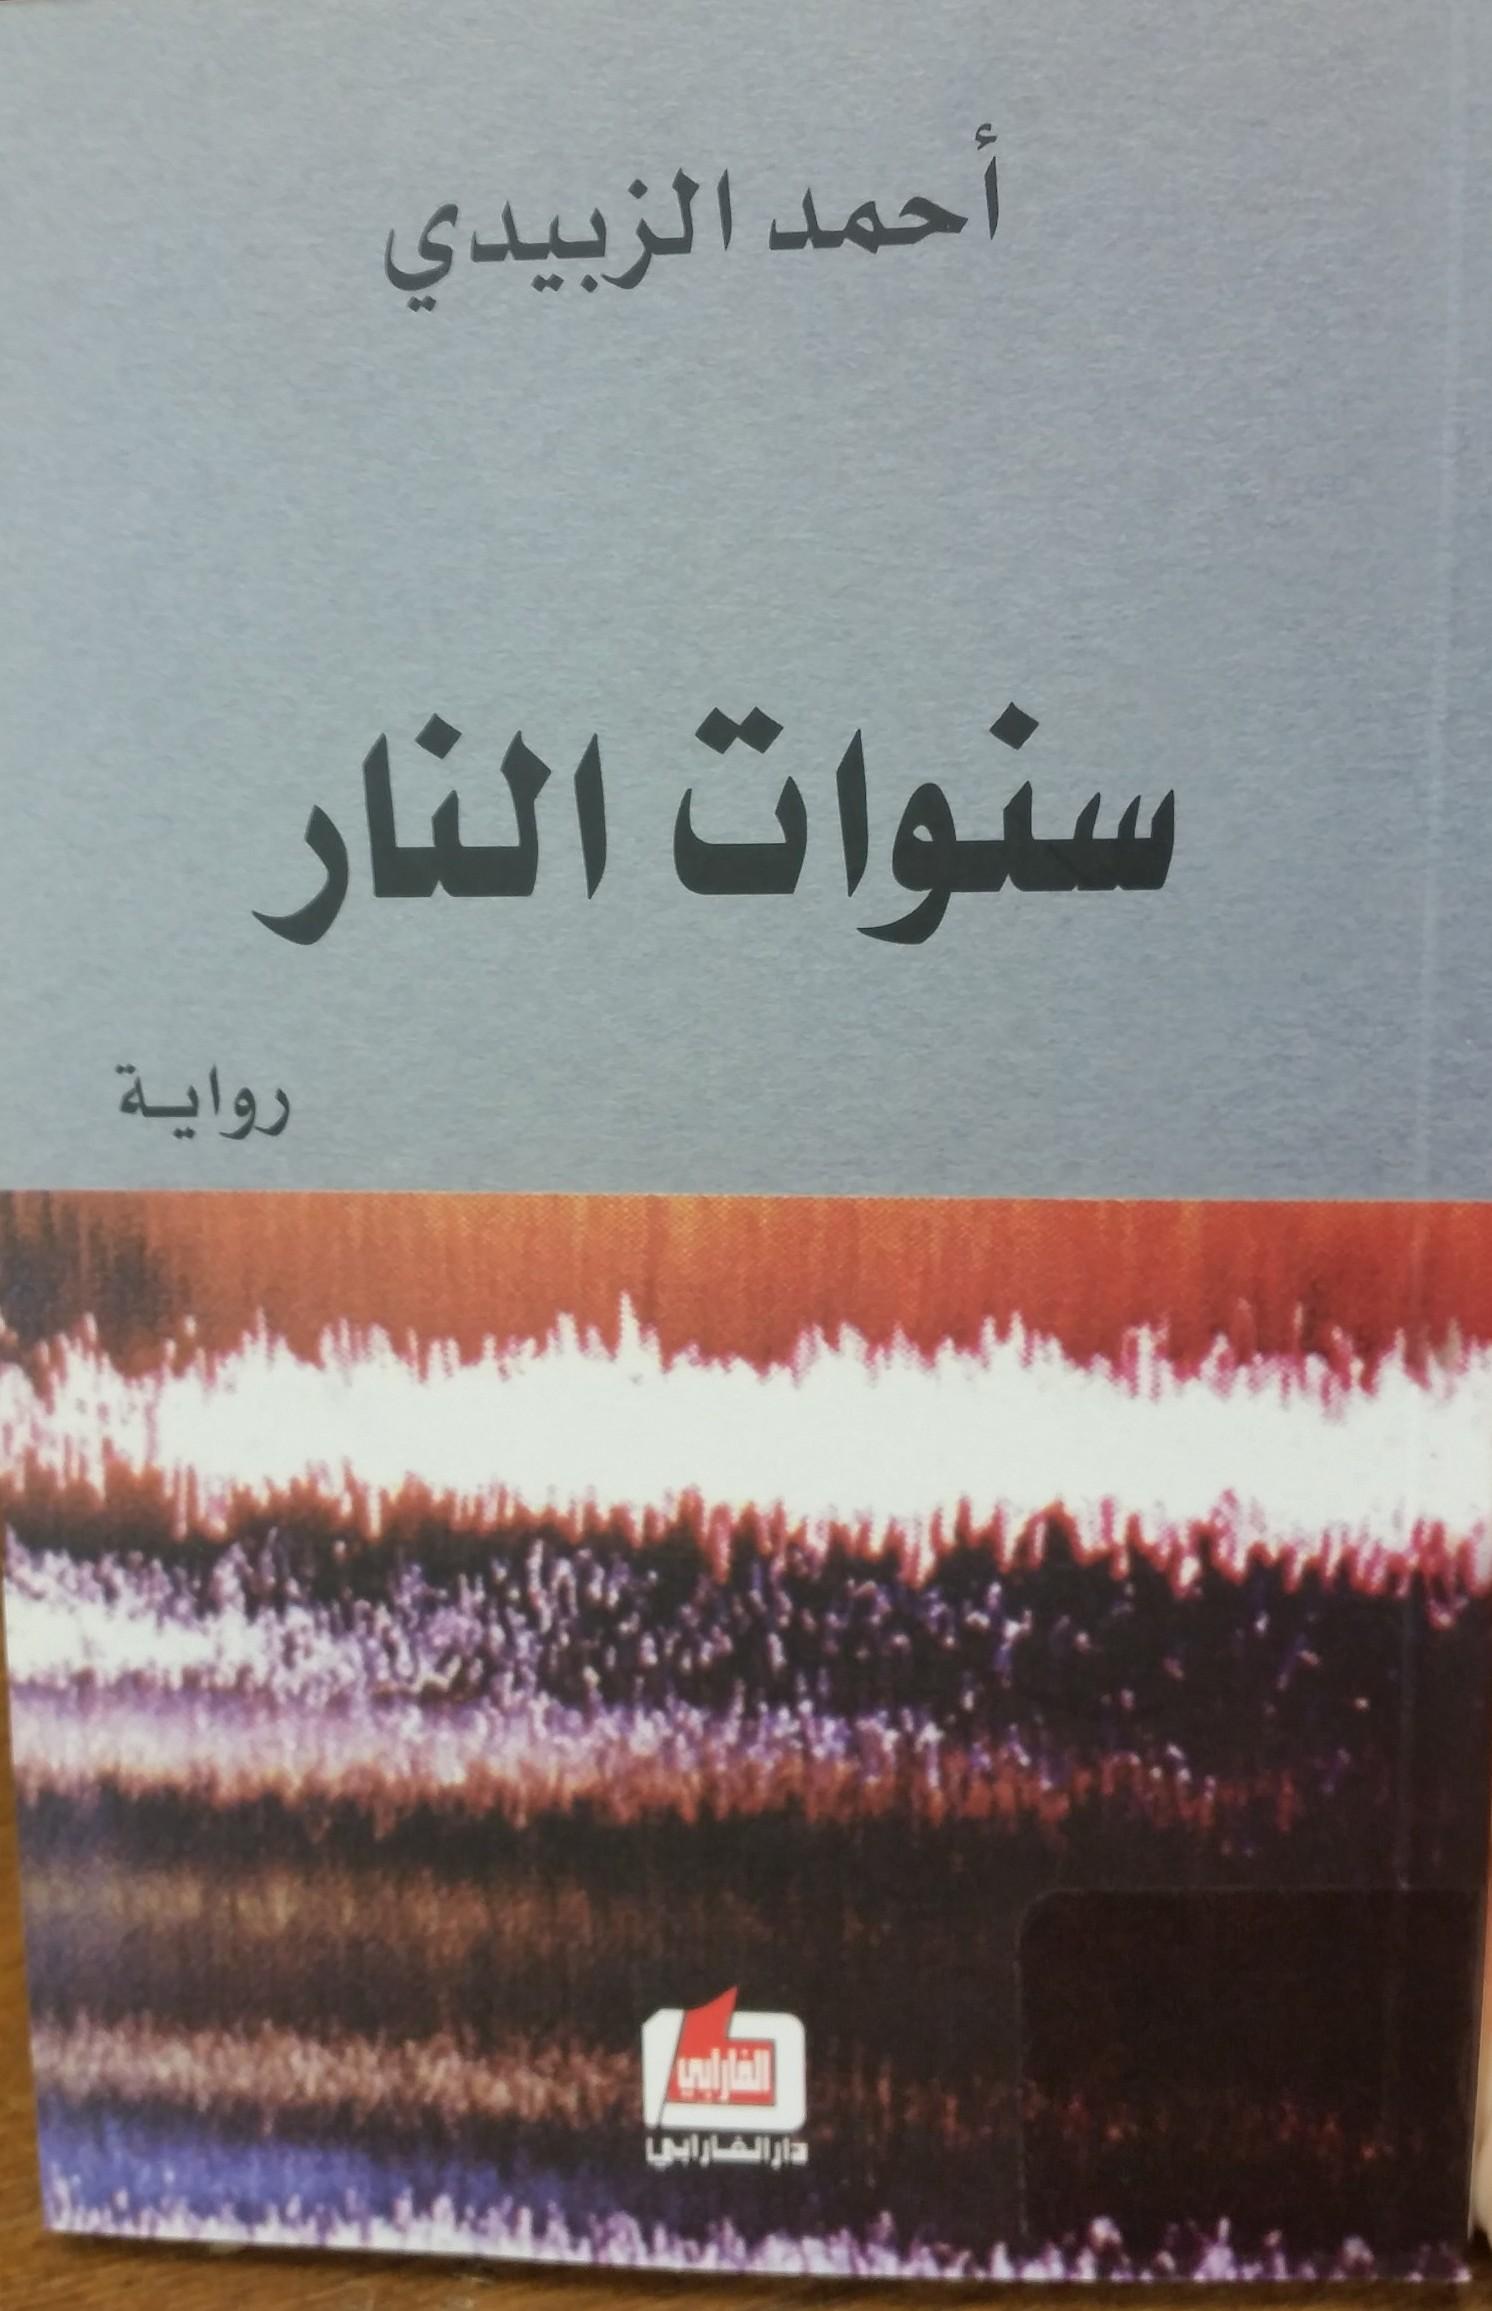 By Aḥmad Zubaydī (Bayrūt: Dār al-Fārābī, 2012)  Cover by Fāris Ghaṣṣūb